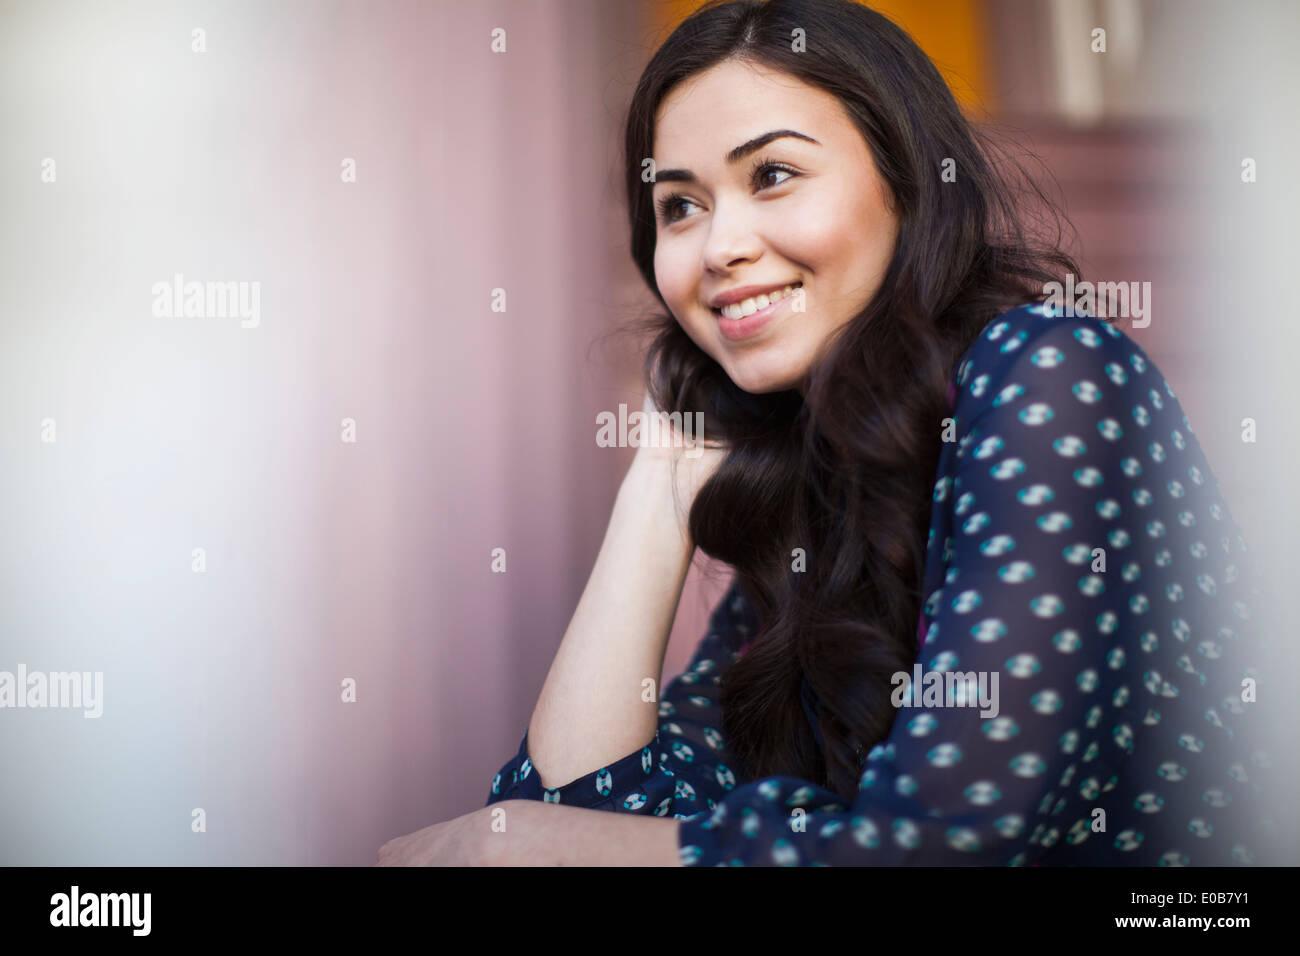 Junge Frau lächelt und wegsehen Stockbild